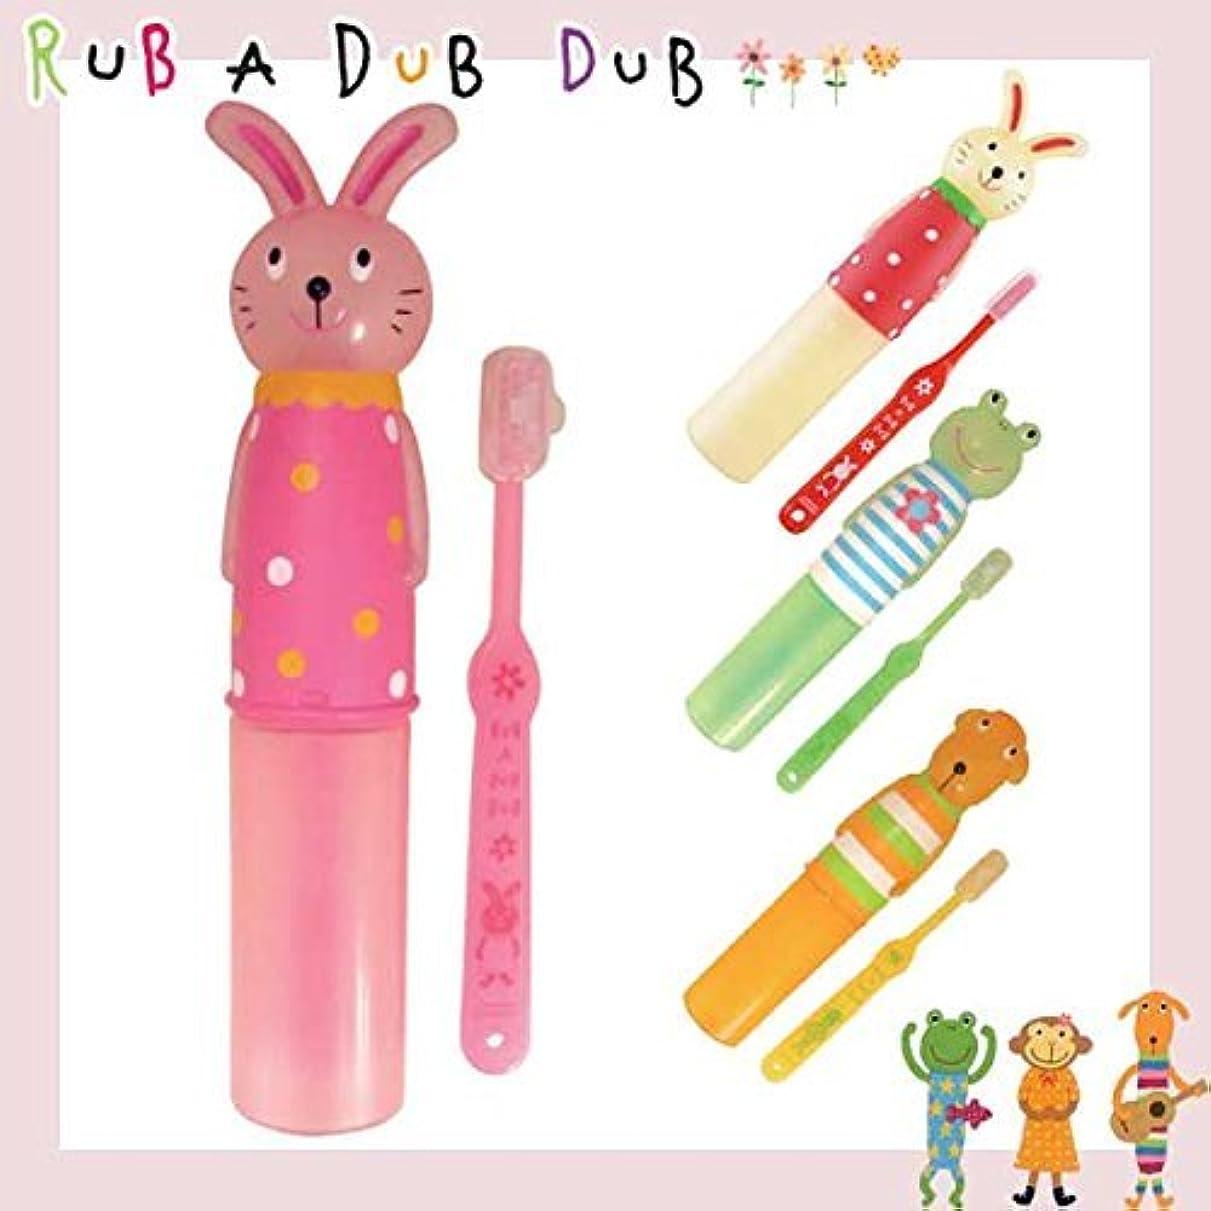 不可能な実行可能フォアタイプ510065/RUB A DUB DUB/R.ハブラシセット(ウサギ)/モンスイユ/ラブアダブダブ/キッズ/ベビー/アニマル/洗面所/歯磨き/ギフト/プレゼント